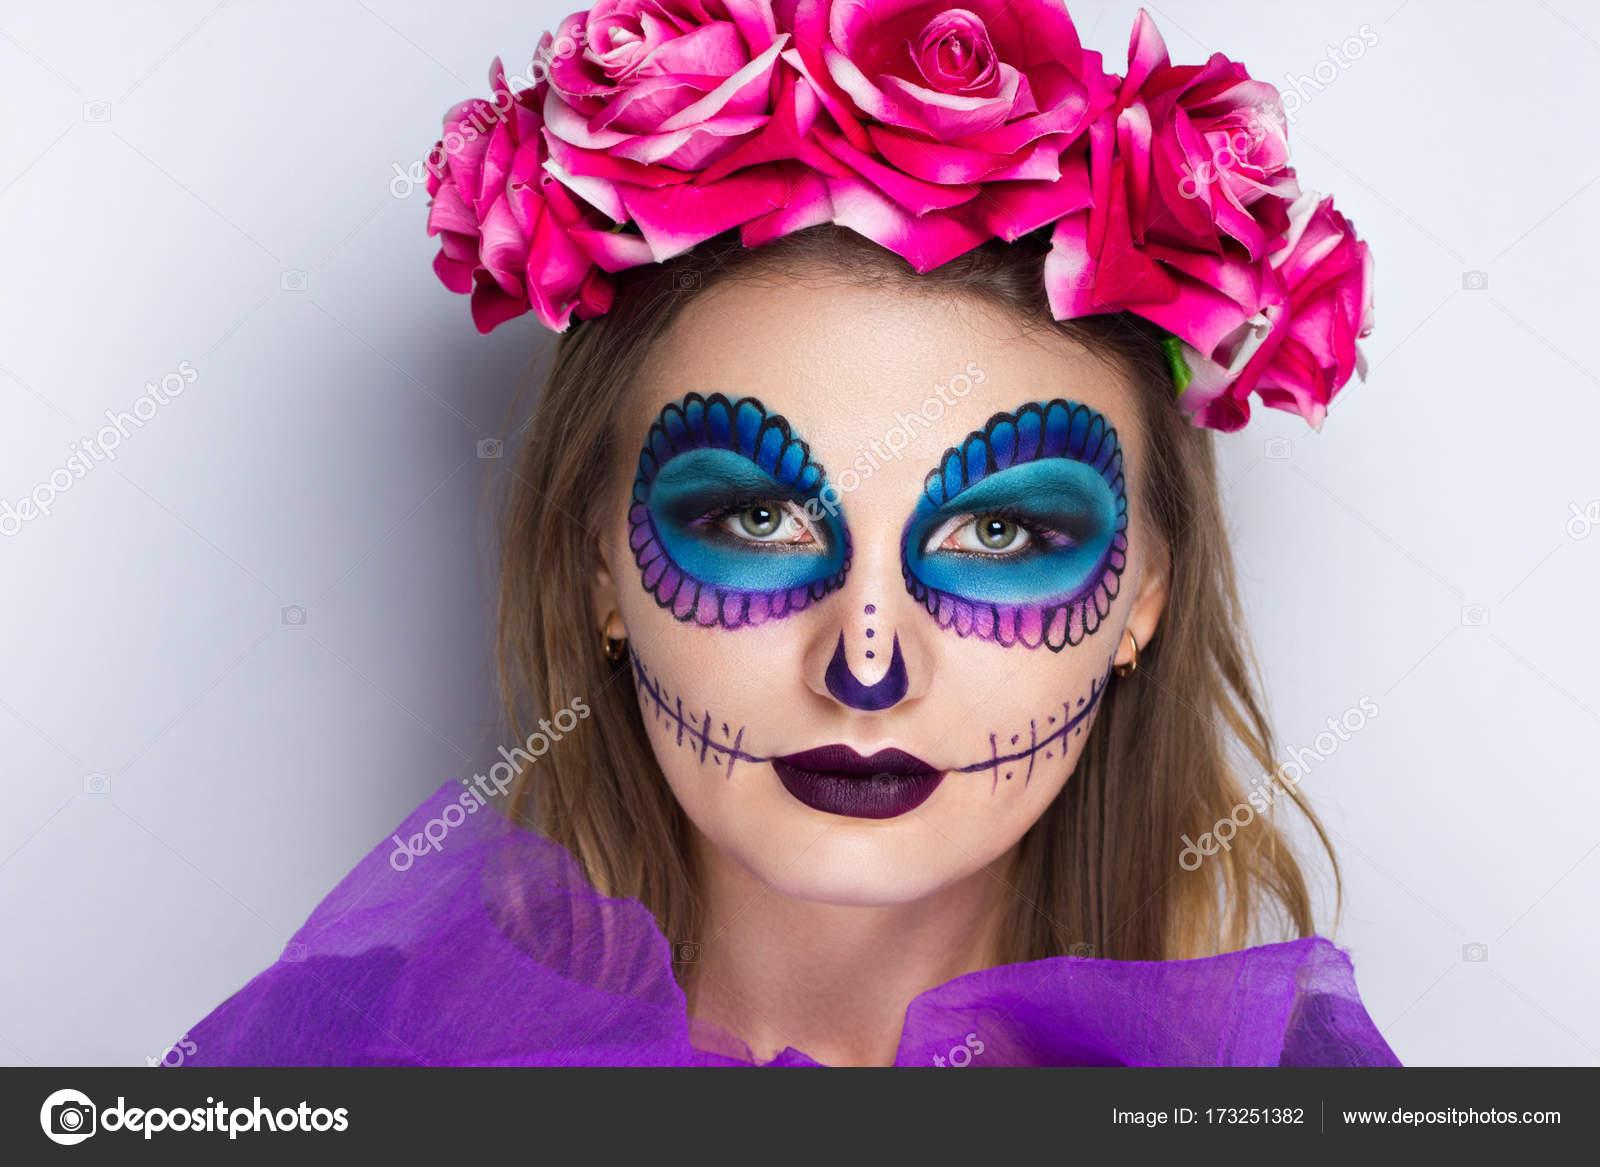 Imagenes De Maquillaje Para Descargar: Maquillaje Día De México